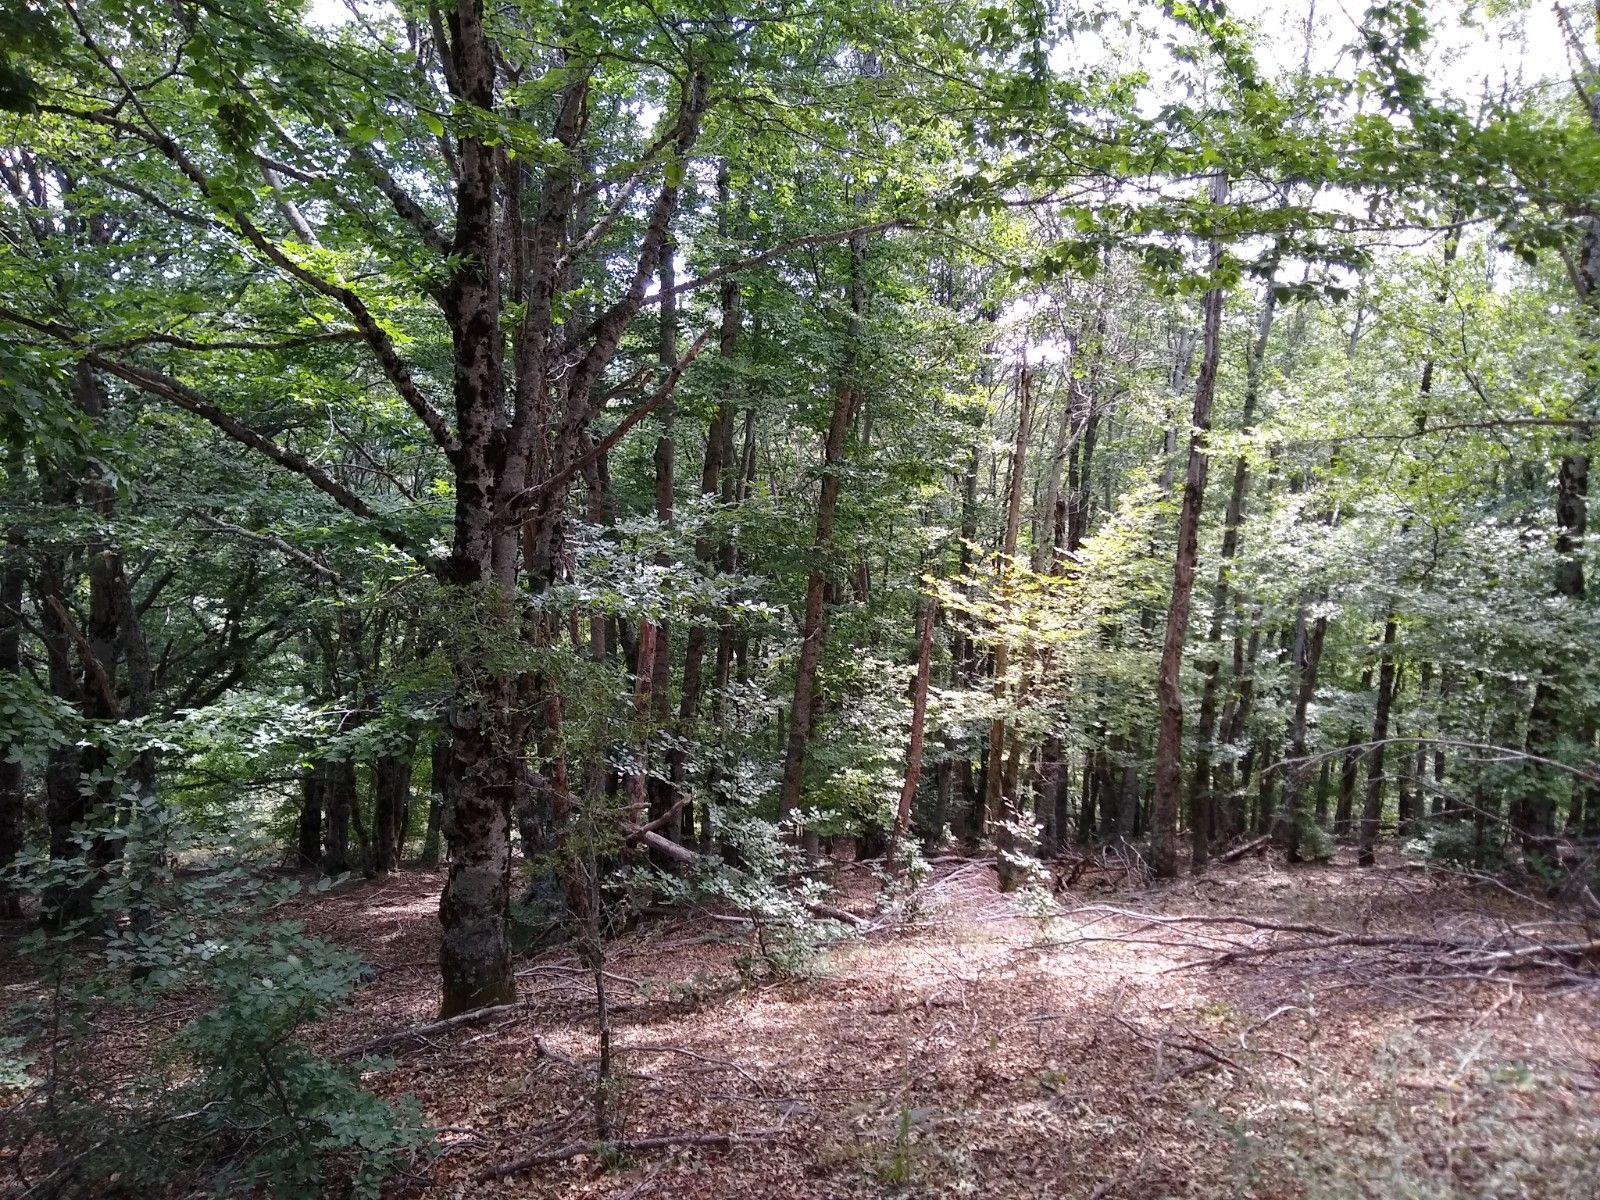 Podemos ver distintos tipos de árboles en el bosque, desde Hayas en las zonas más húmedas hasta Robles en las zonas secas y soleadas